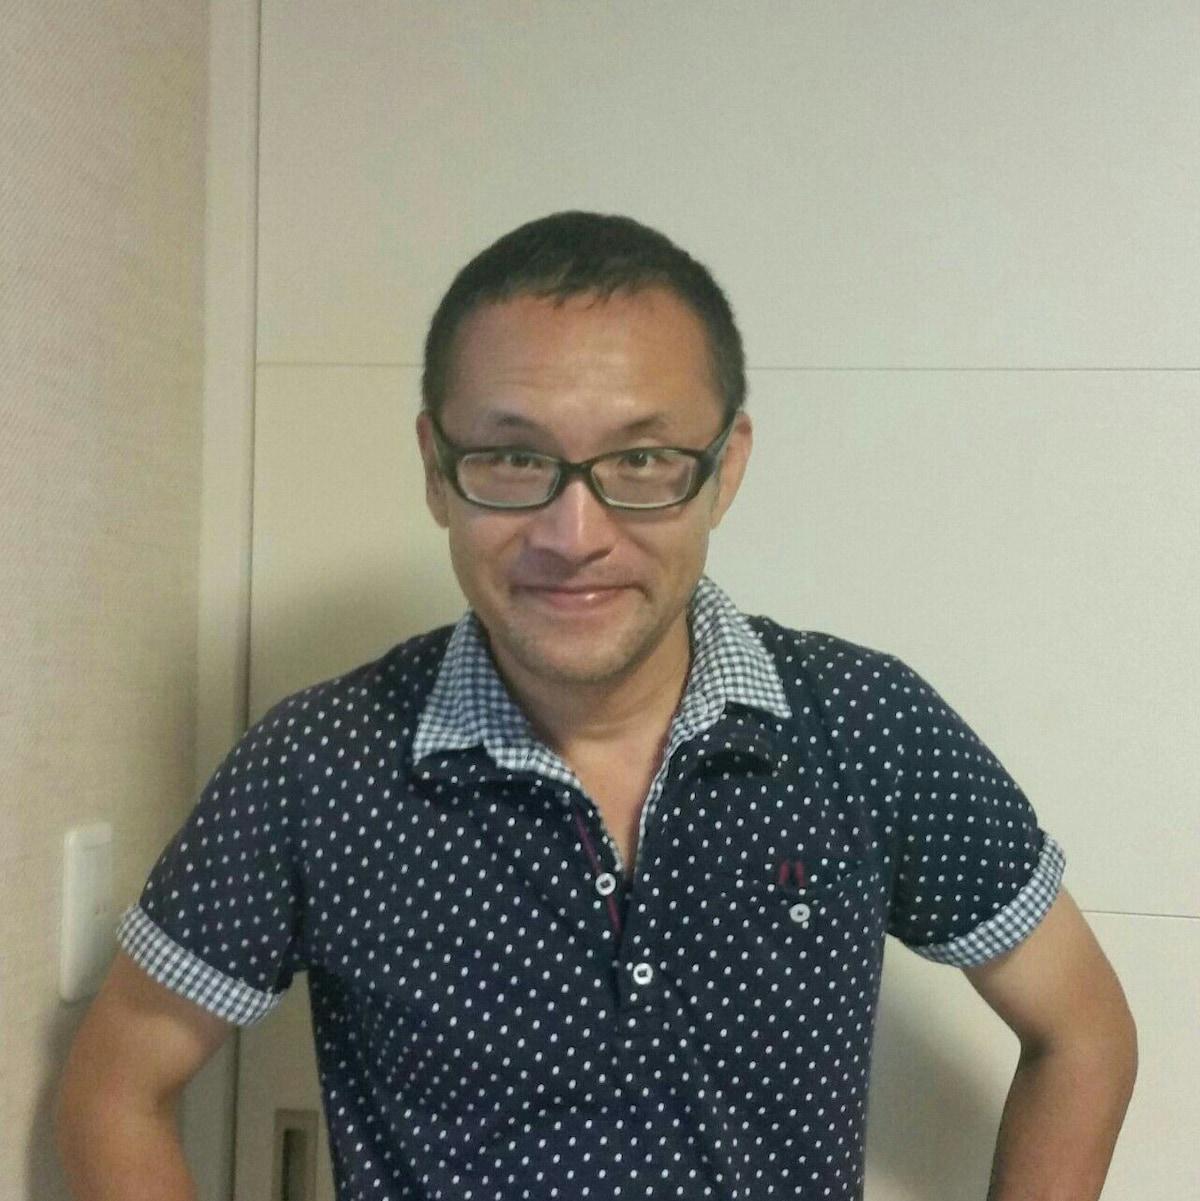 Nao from Nagoya